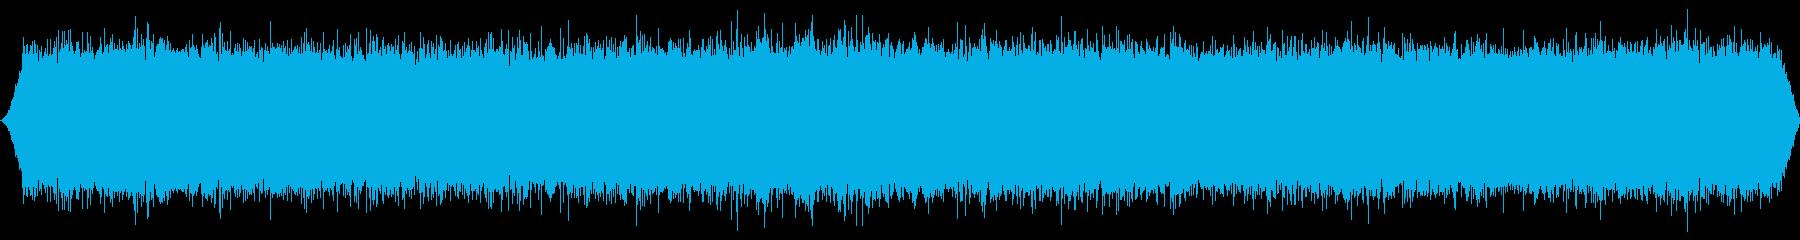 川:ホワイトウォーターラピッズ:コ...の再生済みの波形